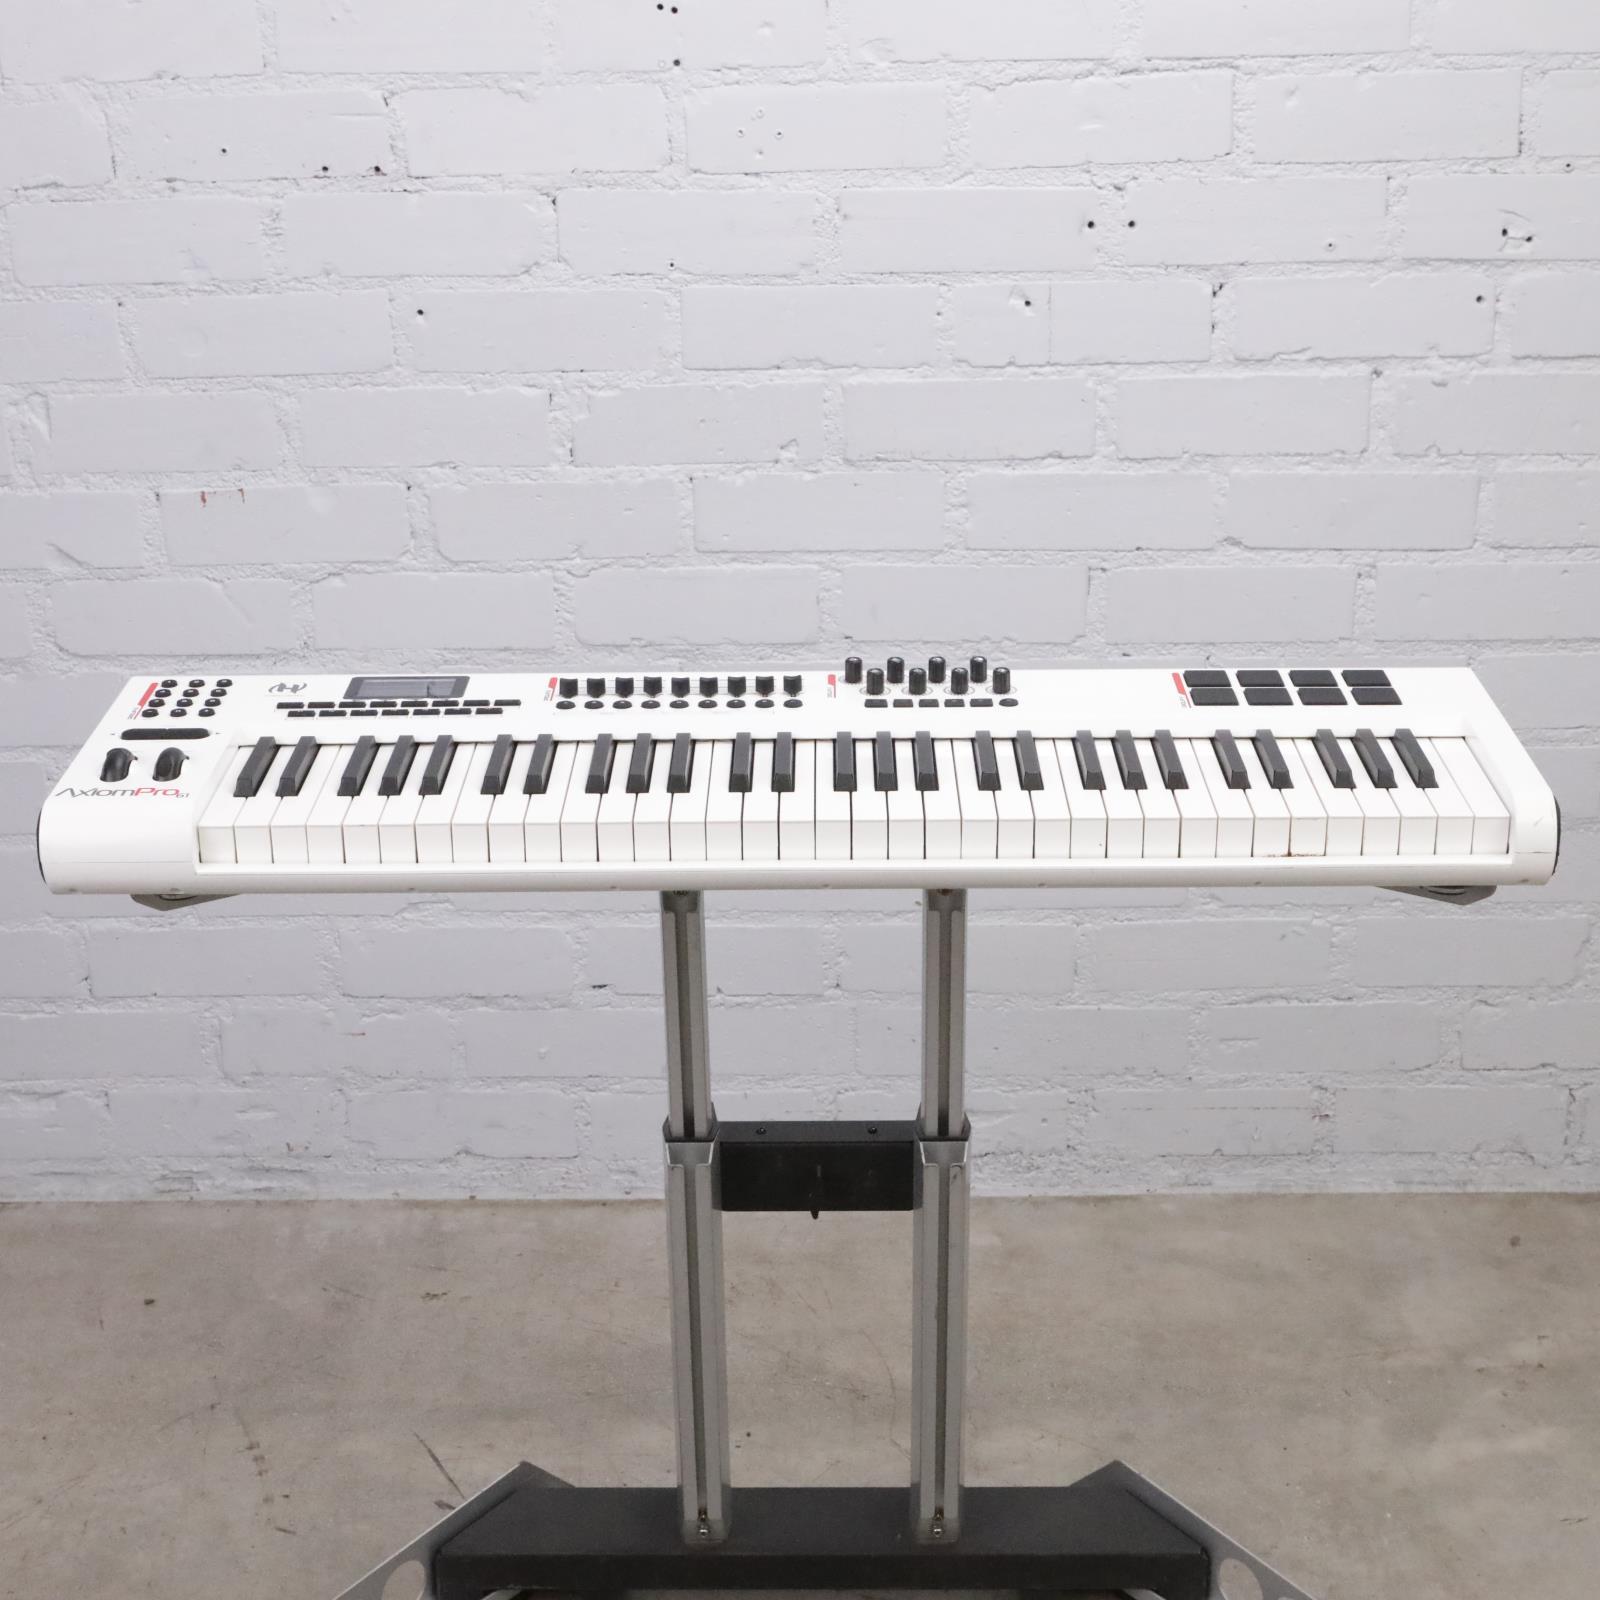 M-Audio Axiom Pro 61-Key Midi USB Controller Keyboard #44826